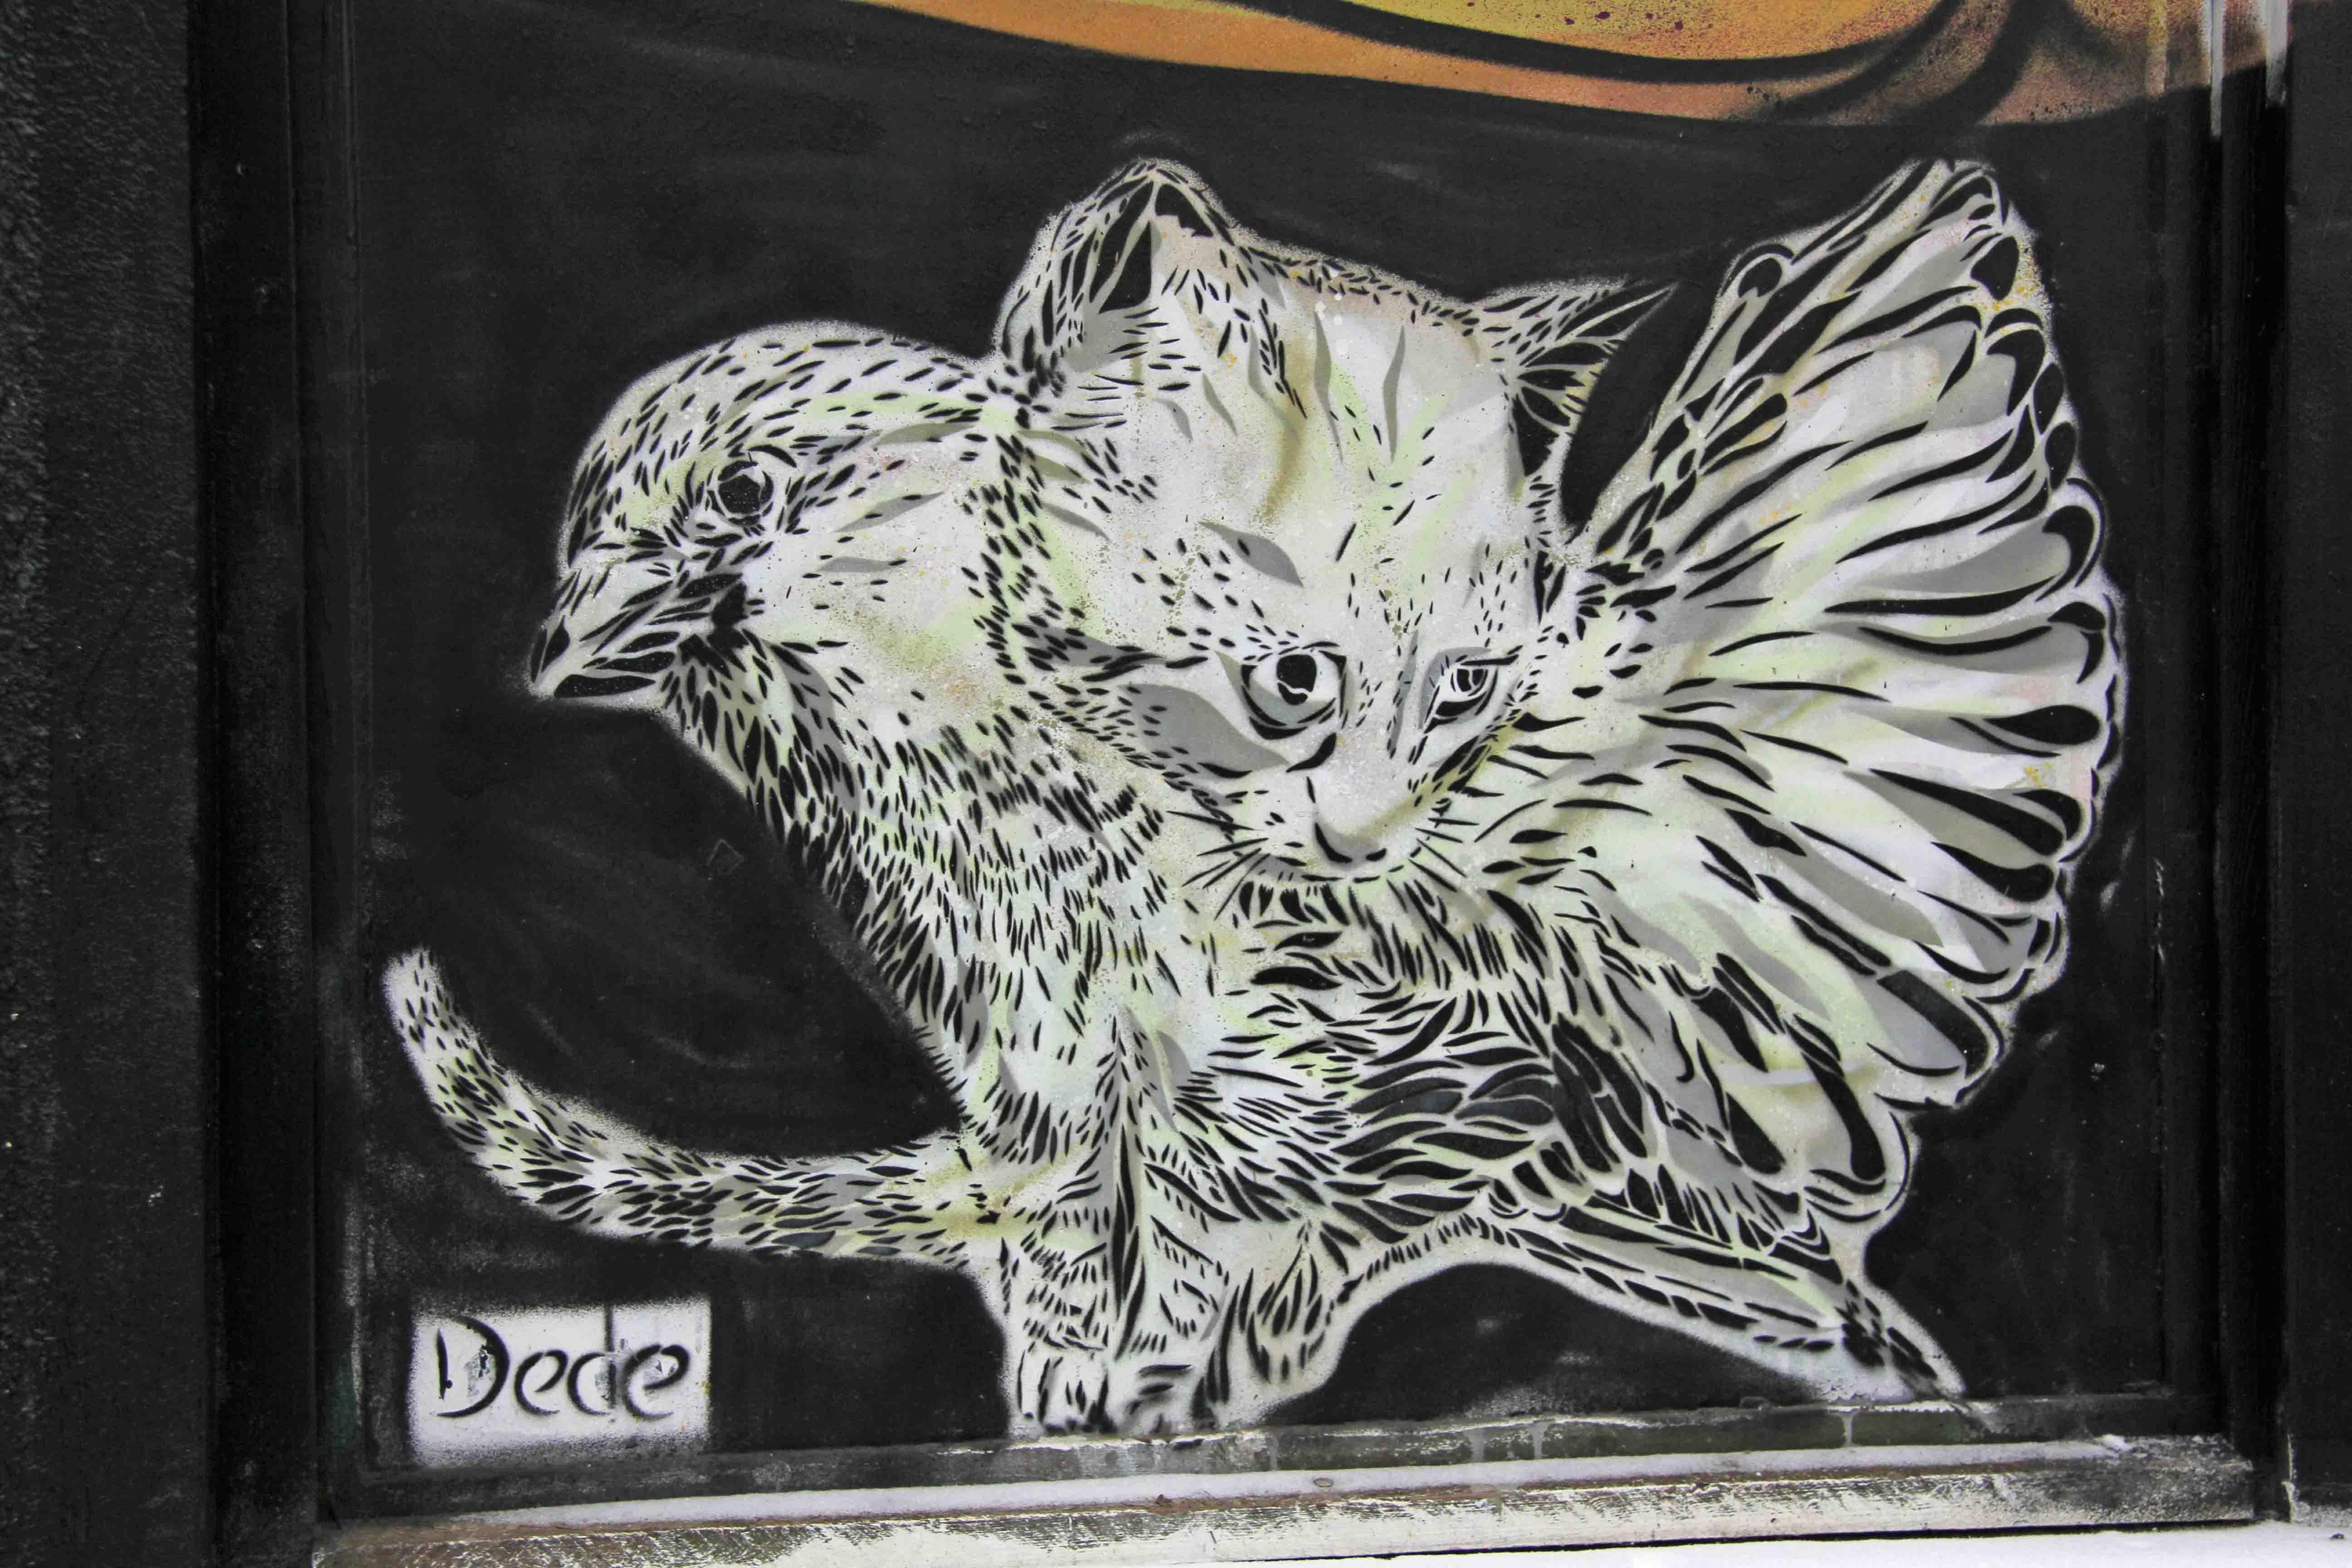 Alley Cat - Street Art by Dede in Berlin